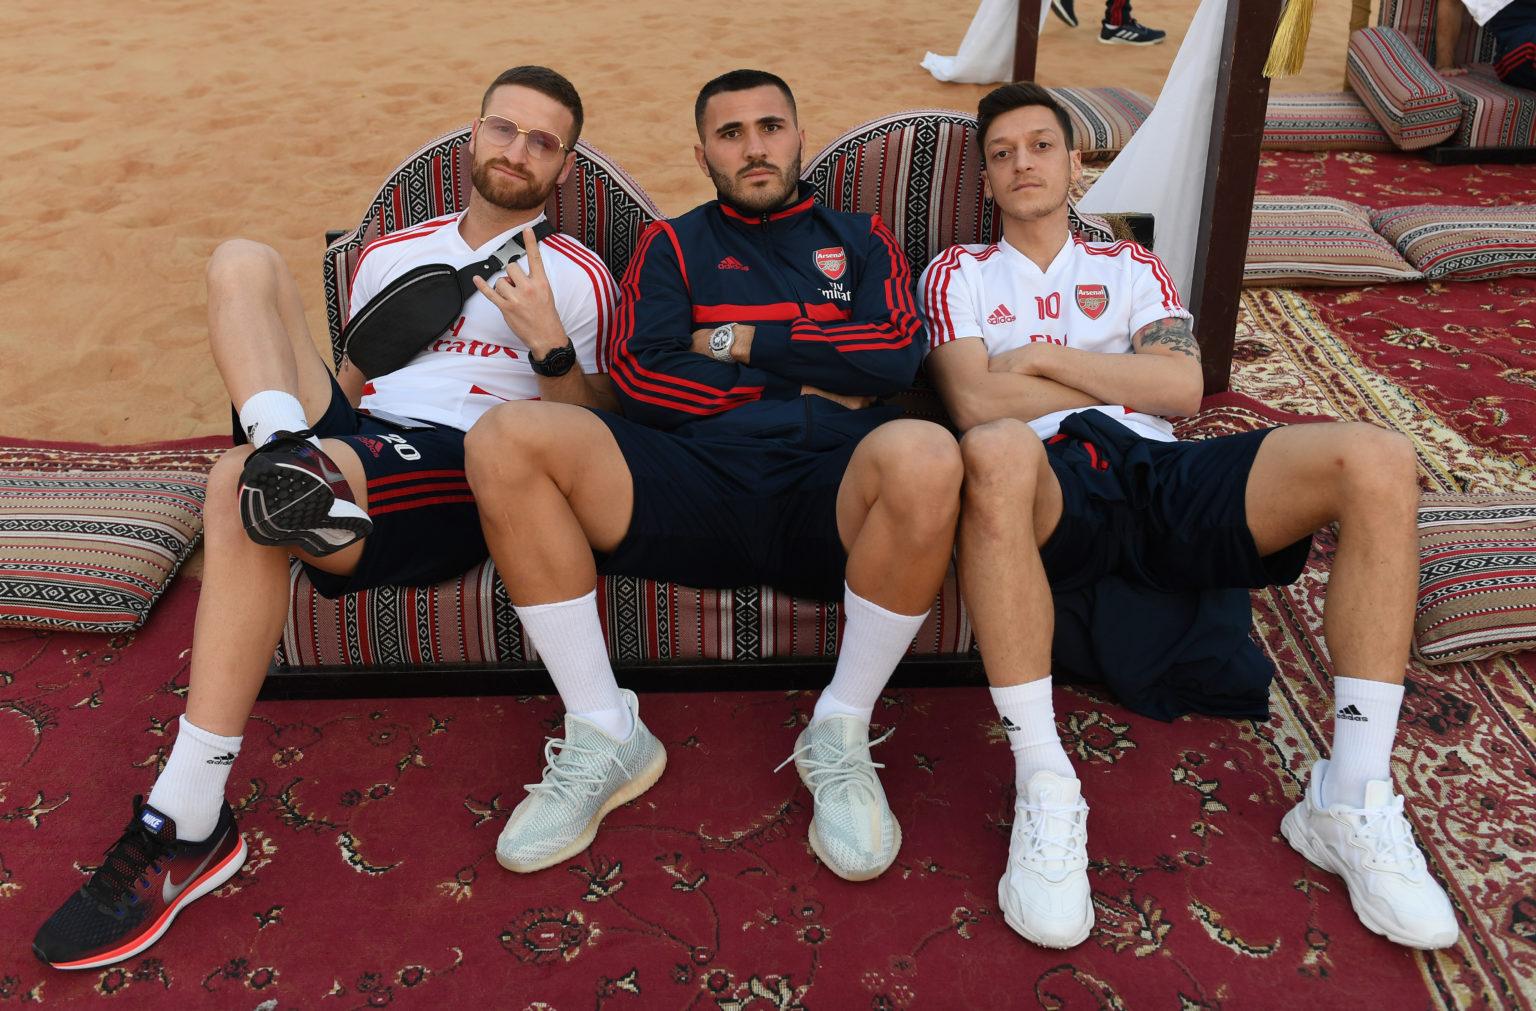 Nhưng dù ngồi chơi xơi nước hay được thi đấu Oezil vẫn là biểu tượng lớn của Arsenal hiện tại